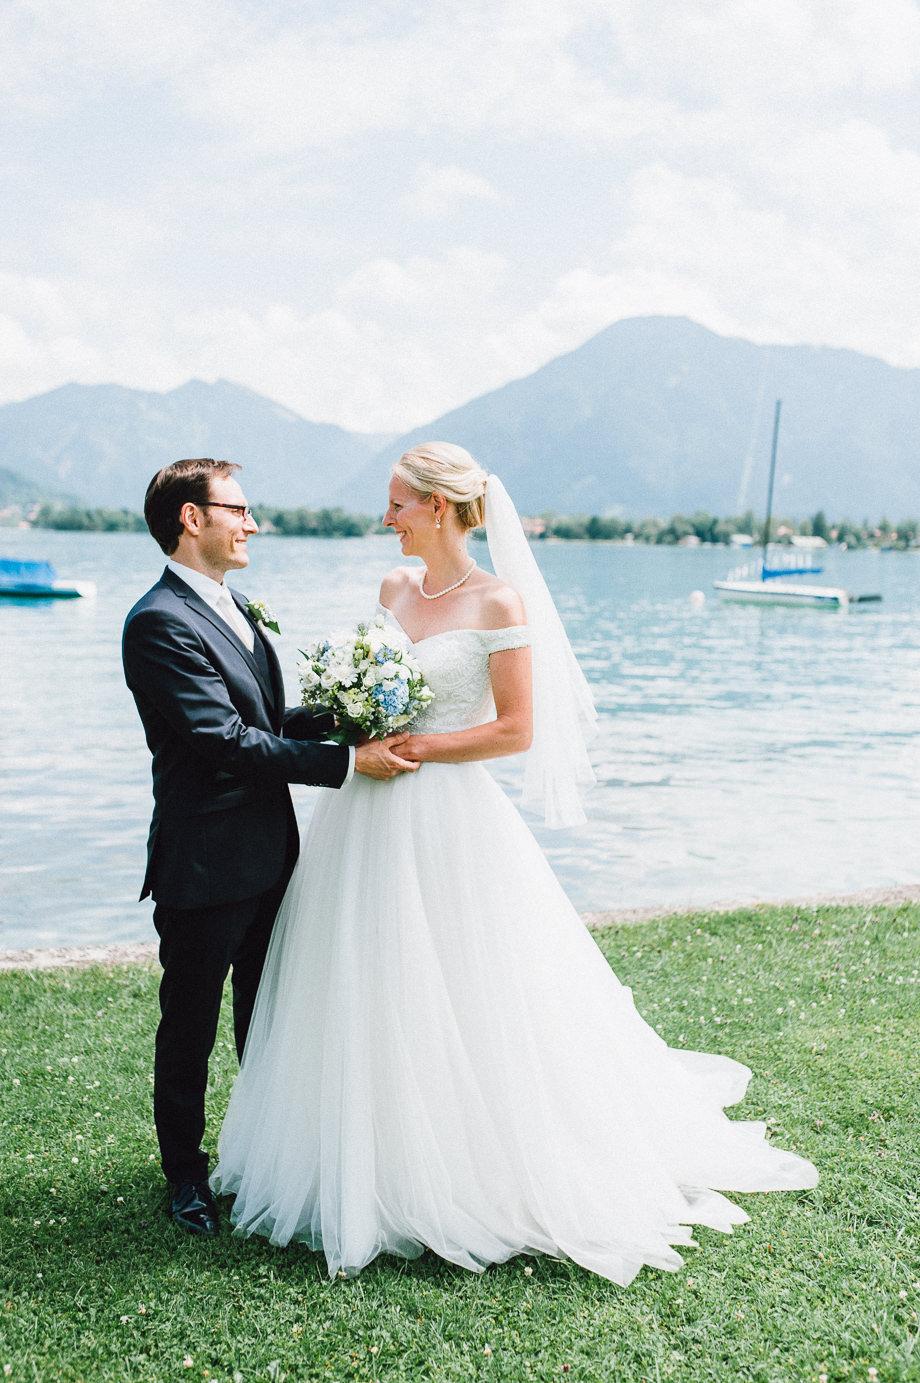 Hochzeit_Tegernsee_Lauraelenaphotography_Lake_Wedding_Freihaus_Brenner_Mountainwedding_Sommerhochzeit_NewYork_Seeblick_046